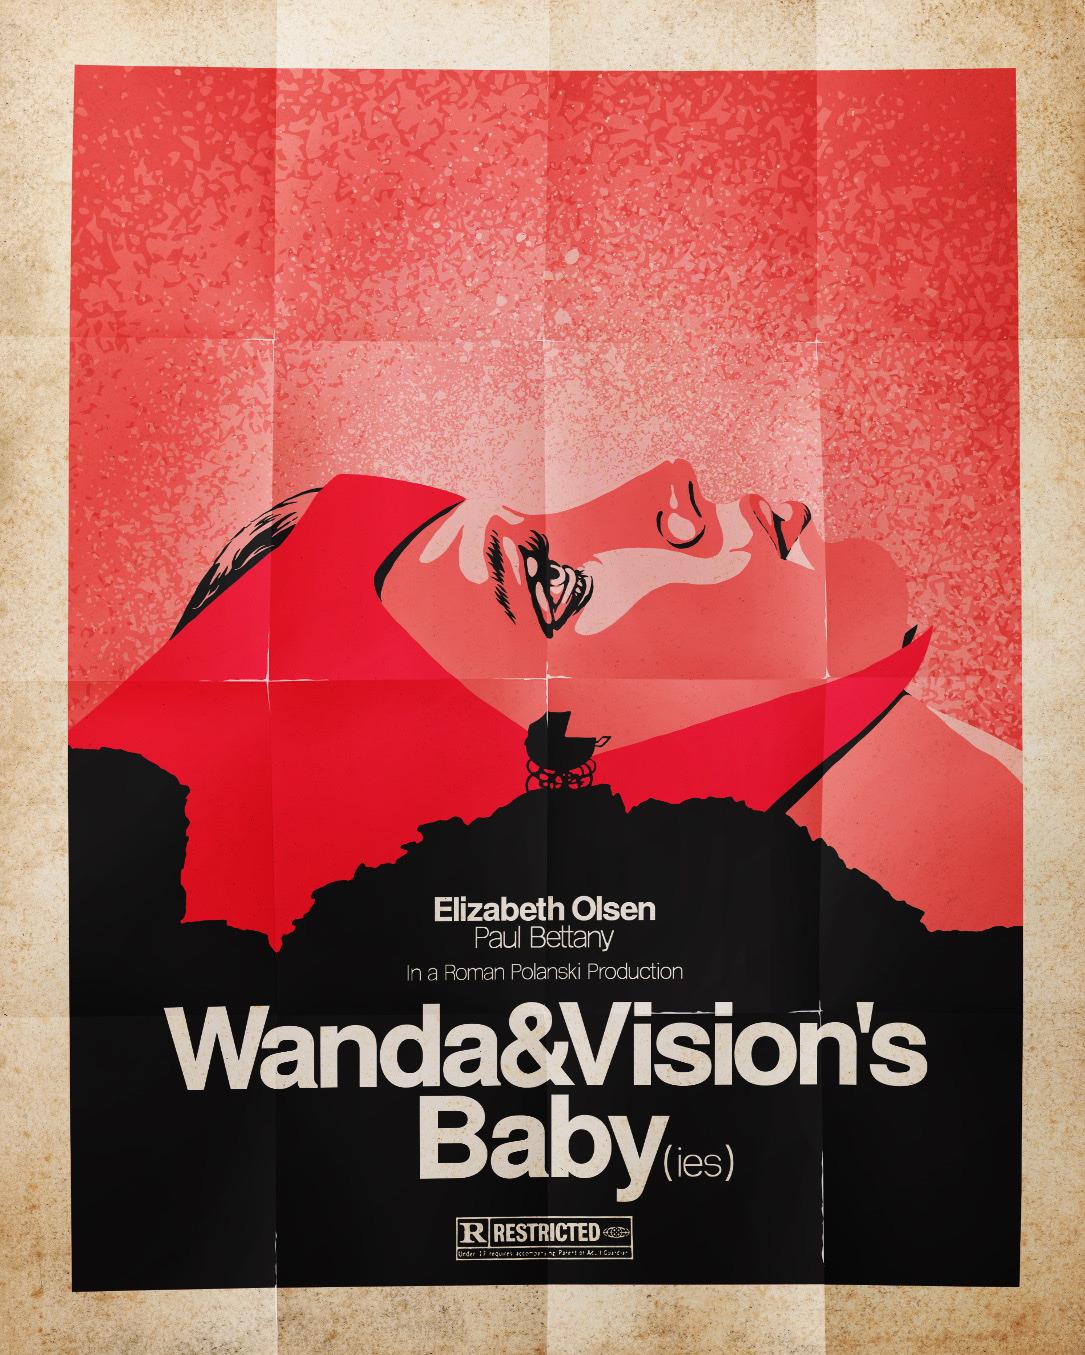 Wandavision Poster Retro Feito Por Fã Faz Referencia A O Bebê De Rosemary Geeks In Action Sua Fonte De Recomendações E Entretenimento